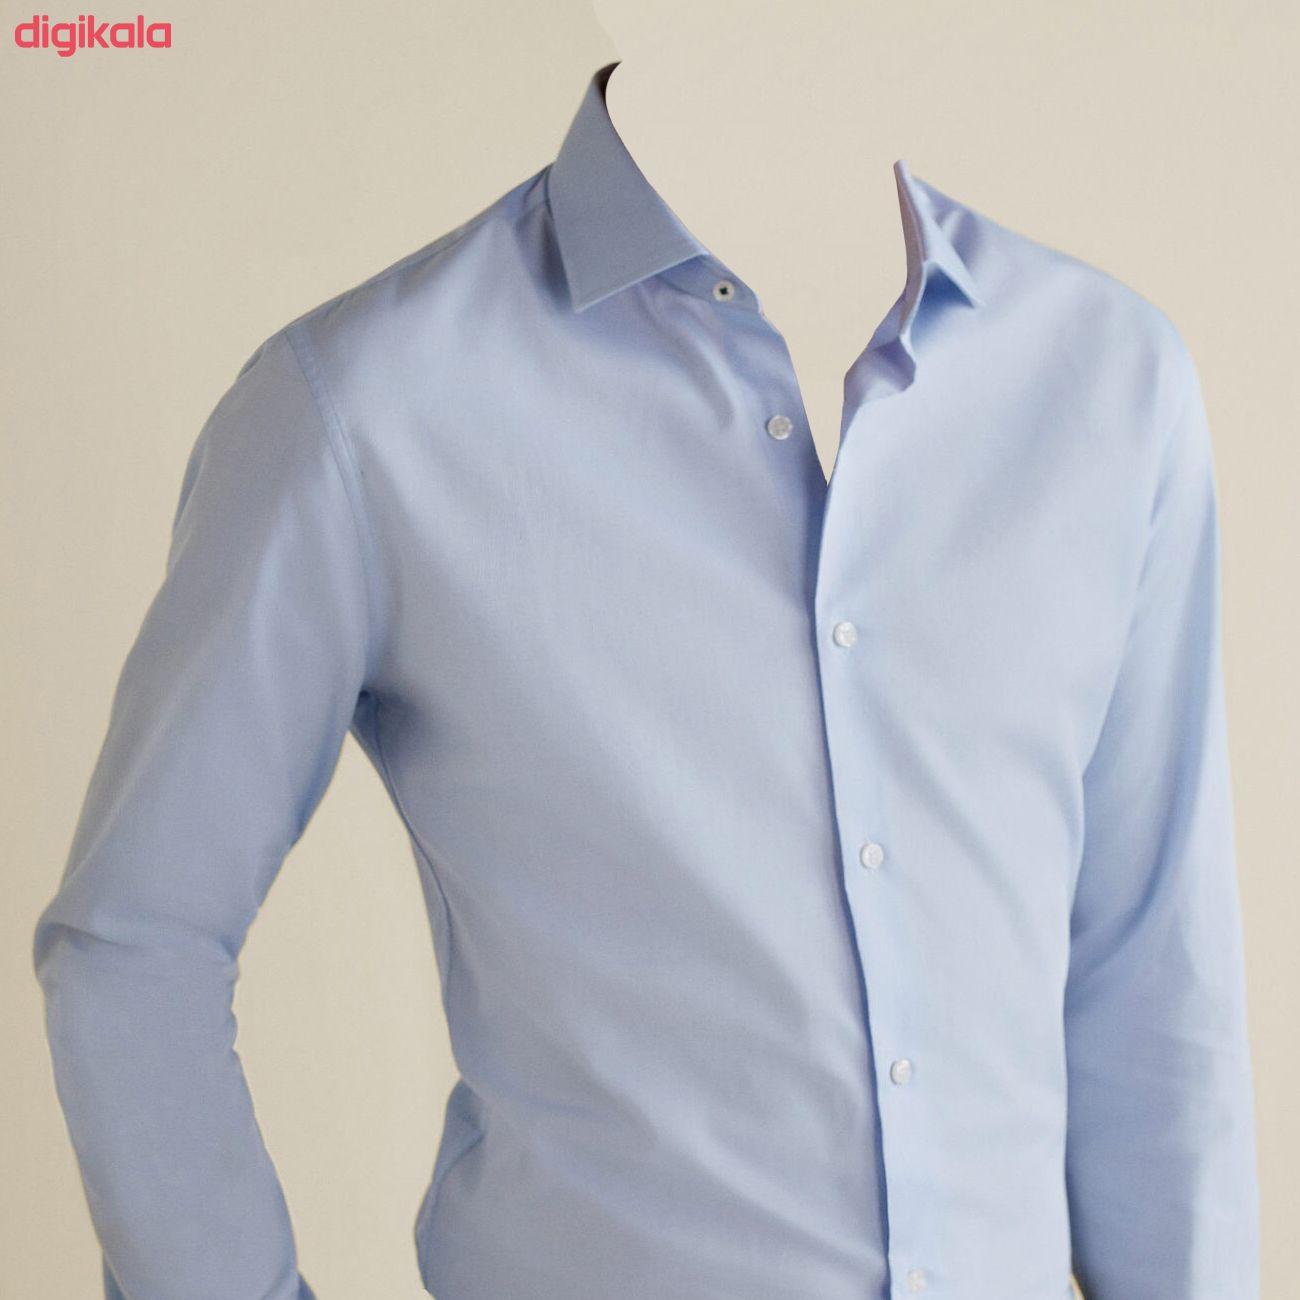 پیراهن مردانه مانگو مدل 660 main 1 3